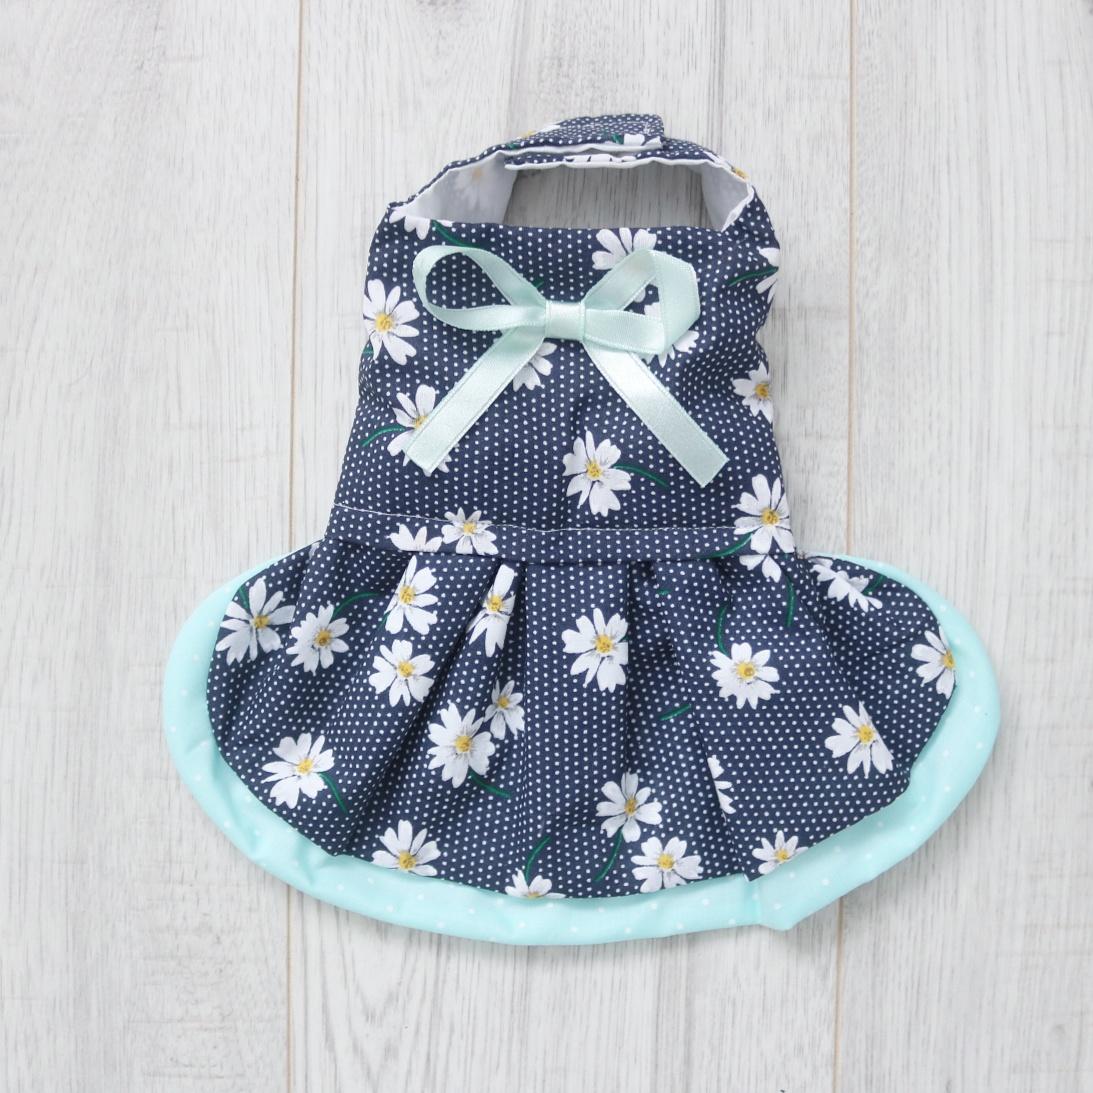 Navy blue polka dot and daisy dog dress